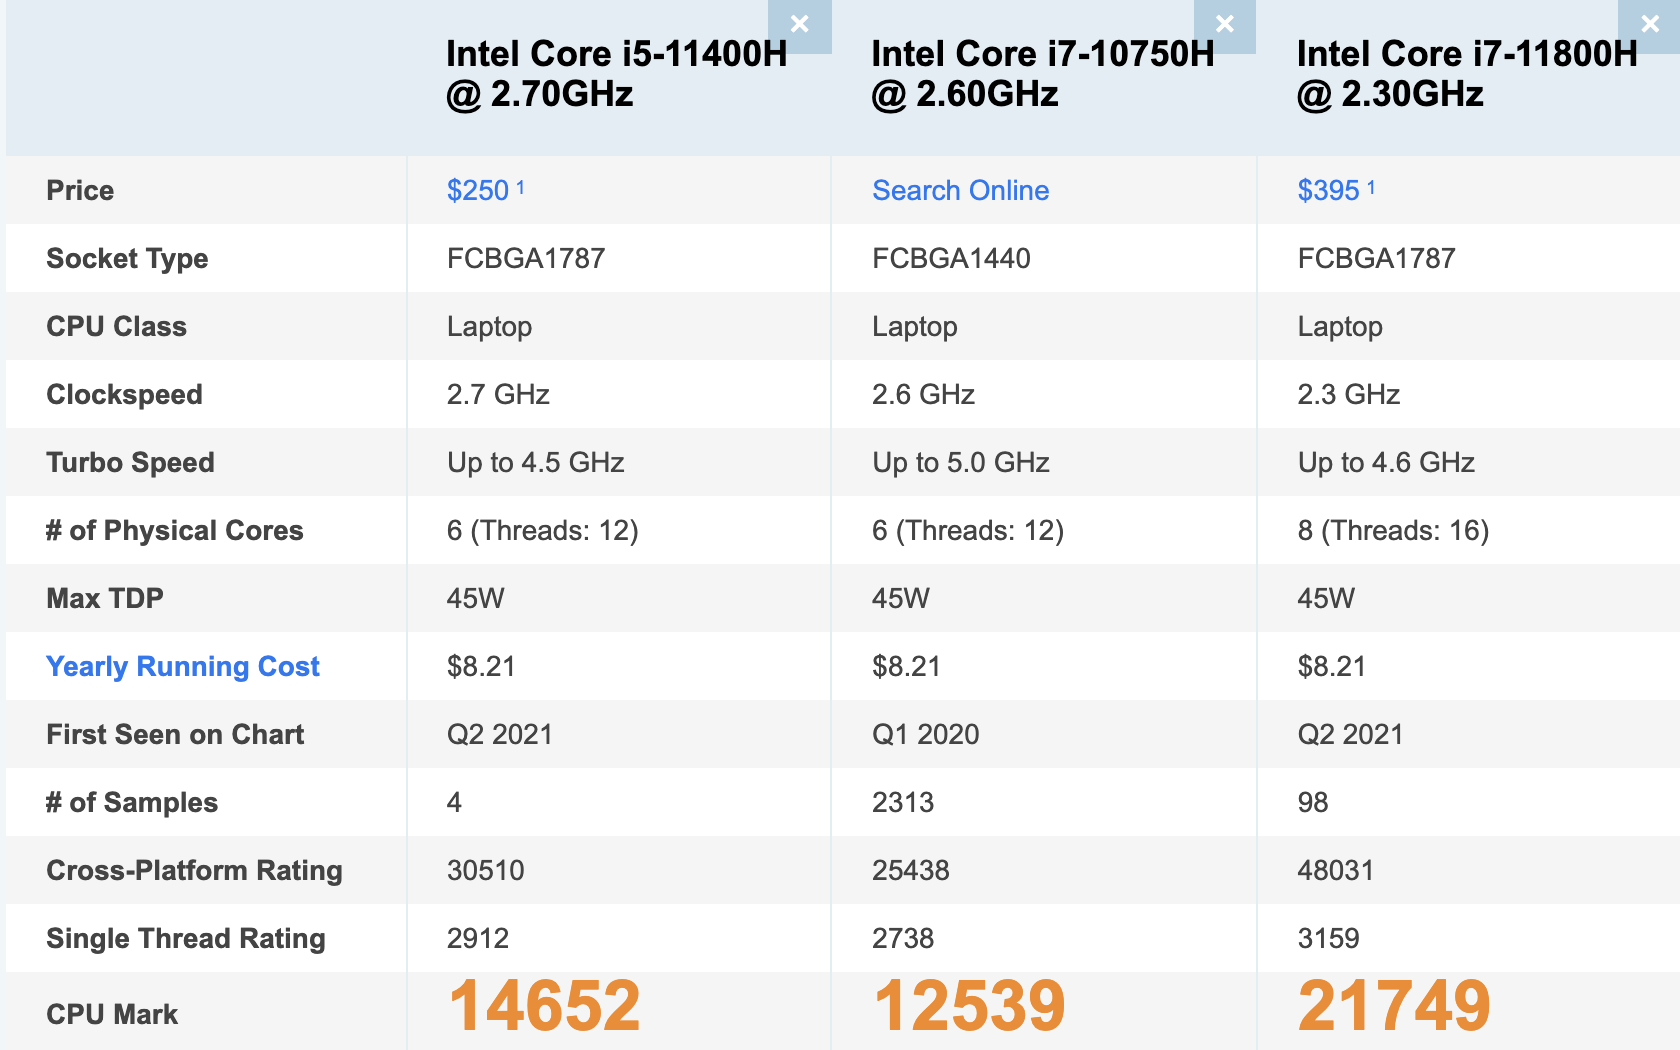 compare Intel Gen 10th vs Gen 11th